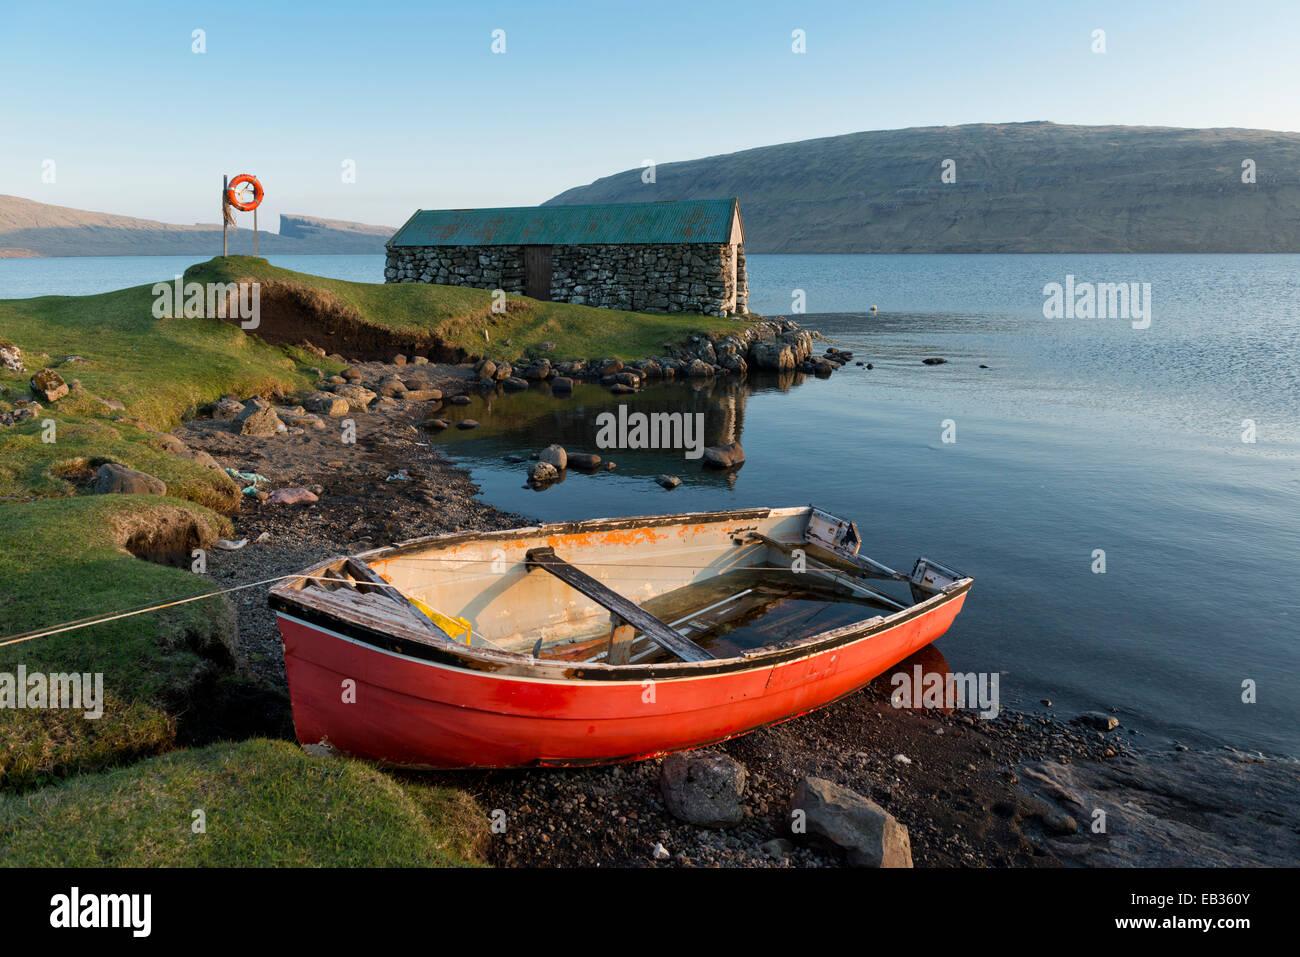 Bateau rouge en face d'une maison de bateau sur le lac ou Sørvágsvatn Leitisvatn, Pigalle, îles Photo Stock